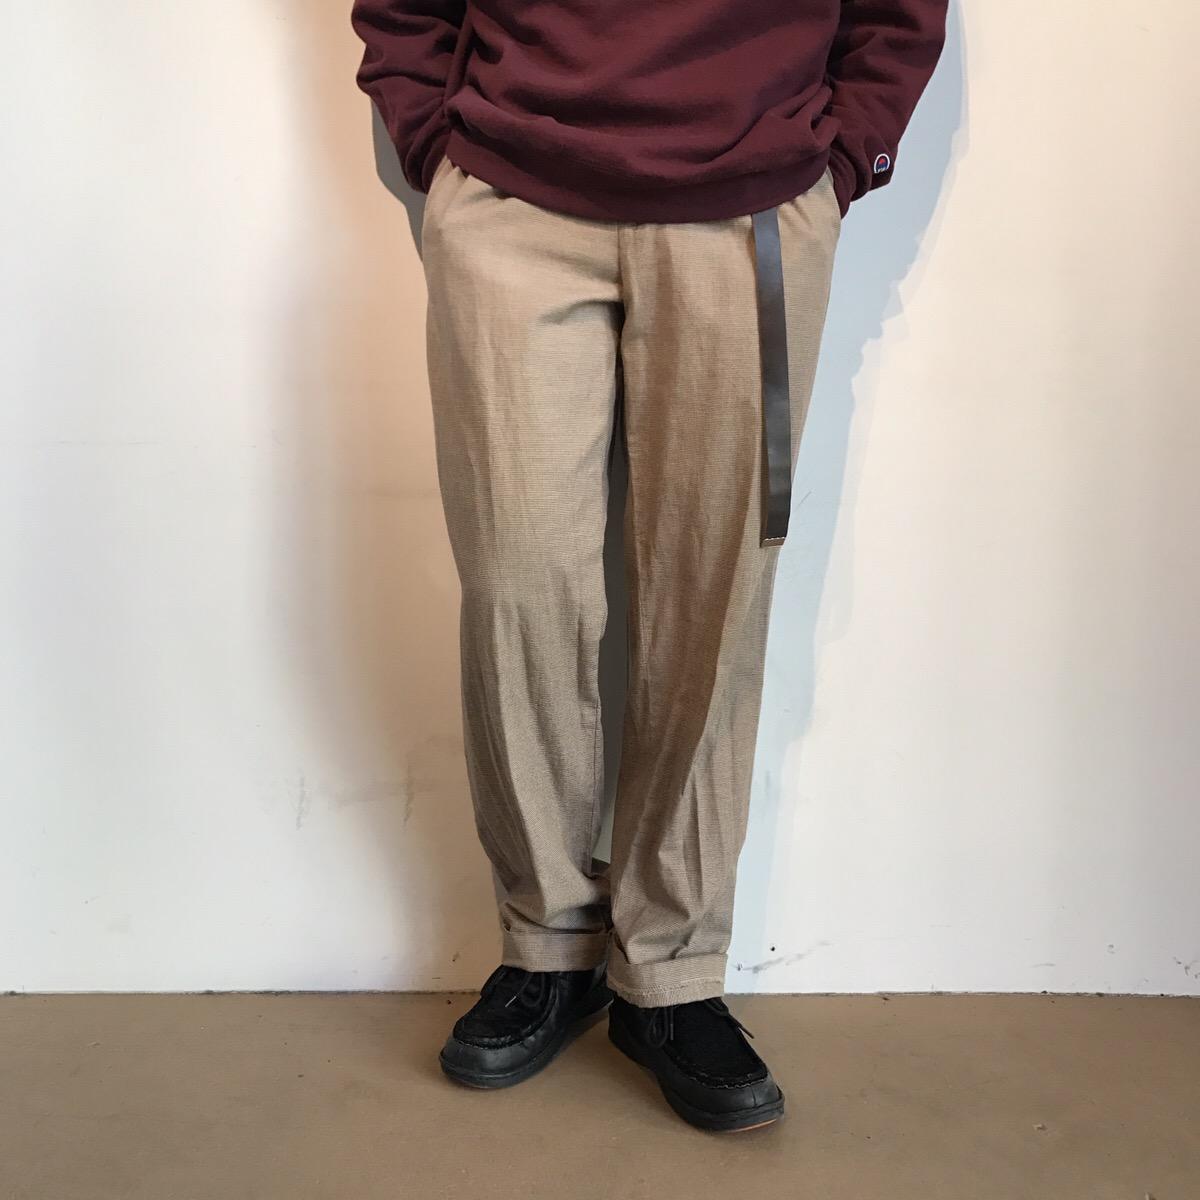 90's ralphlauren houndtooth slacks